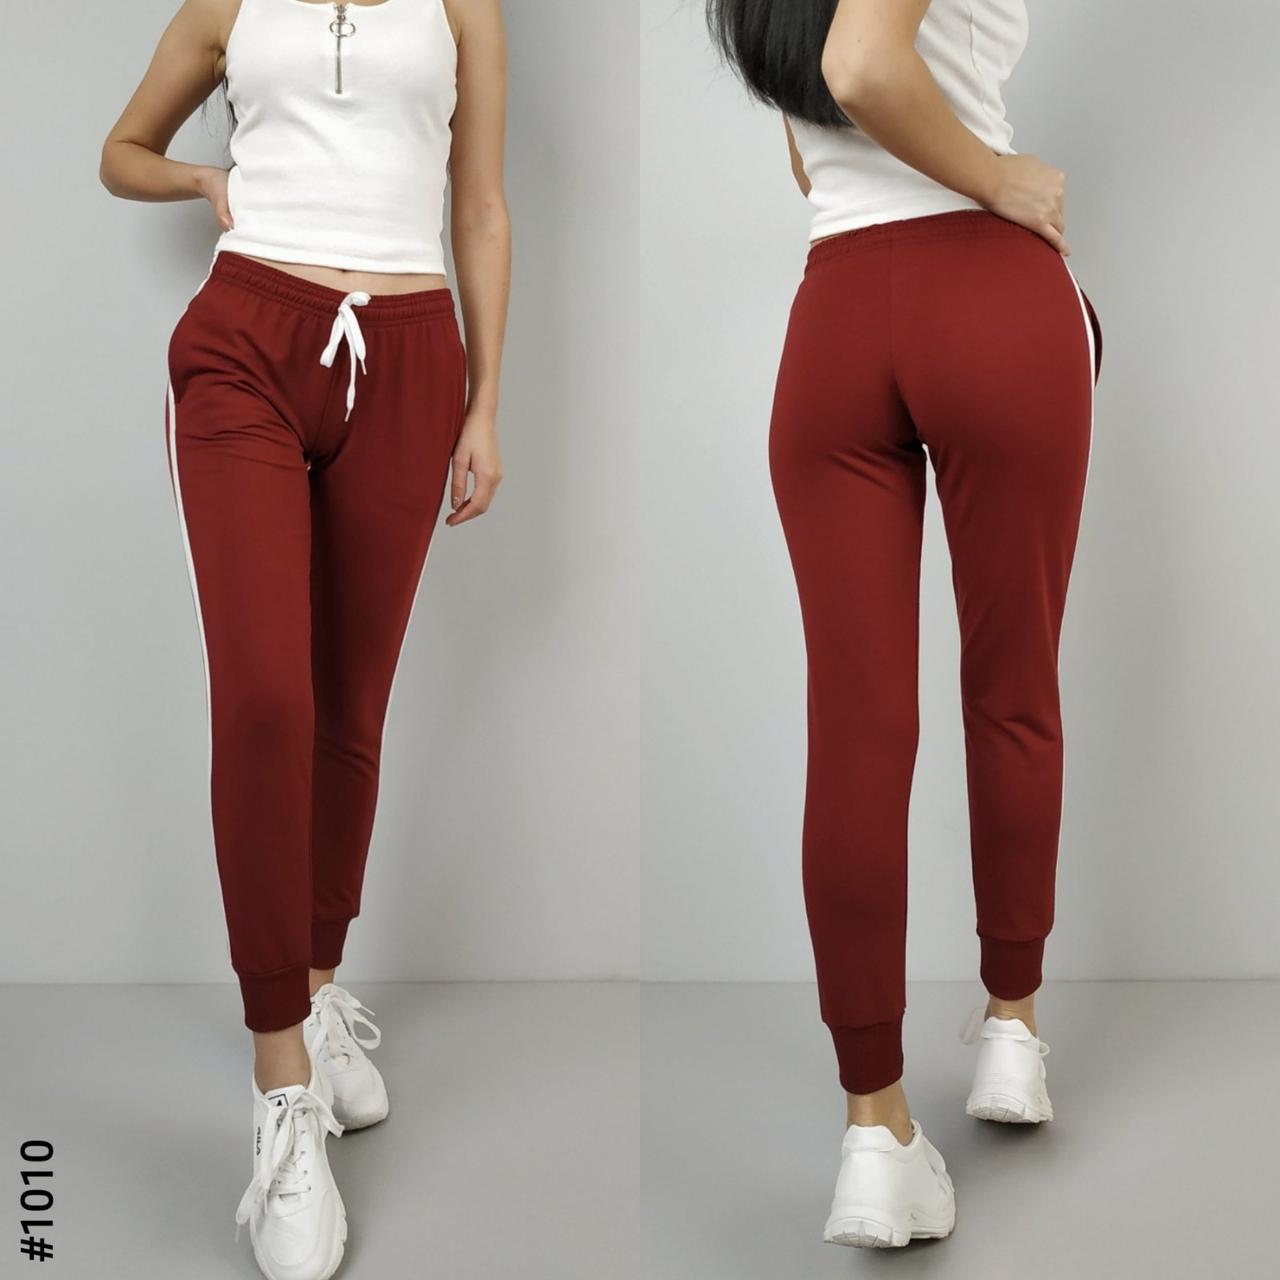 Спортивные женские штаны с тонким лампасом под манжетпроизводство Украина.